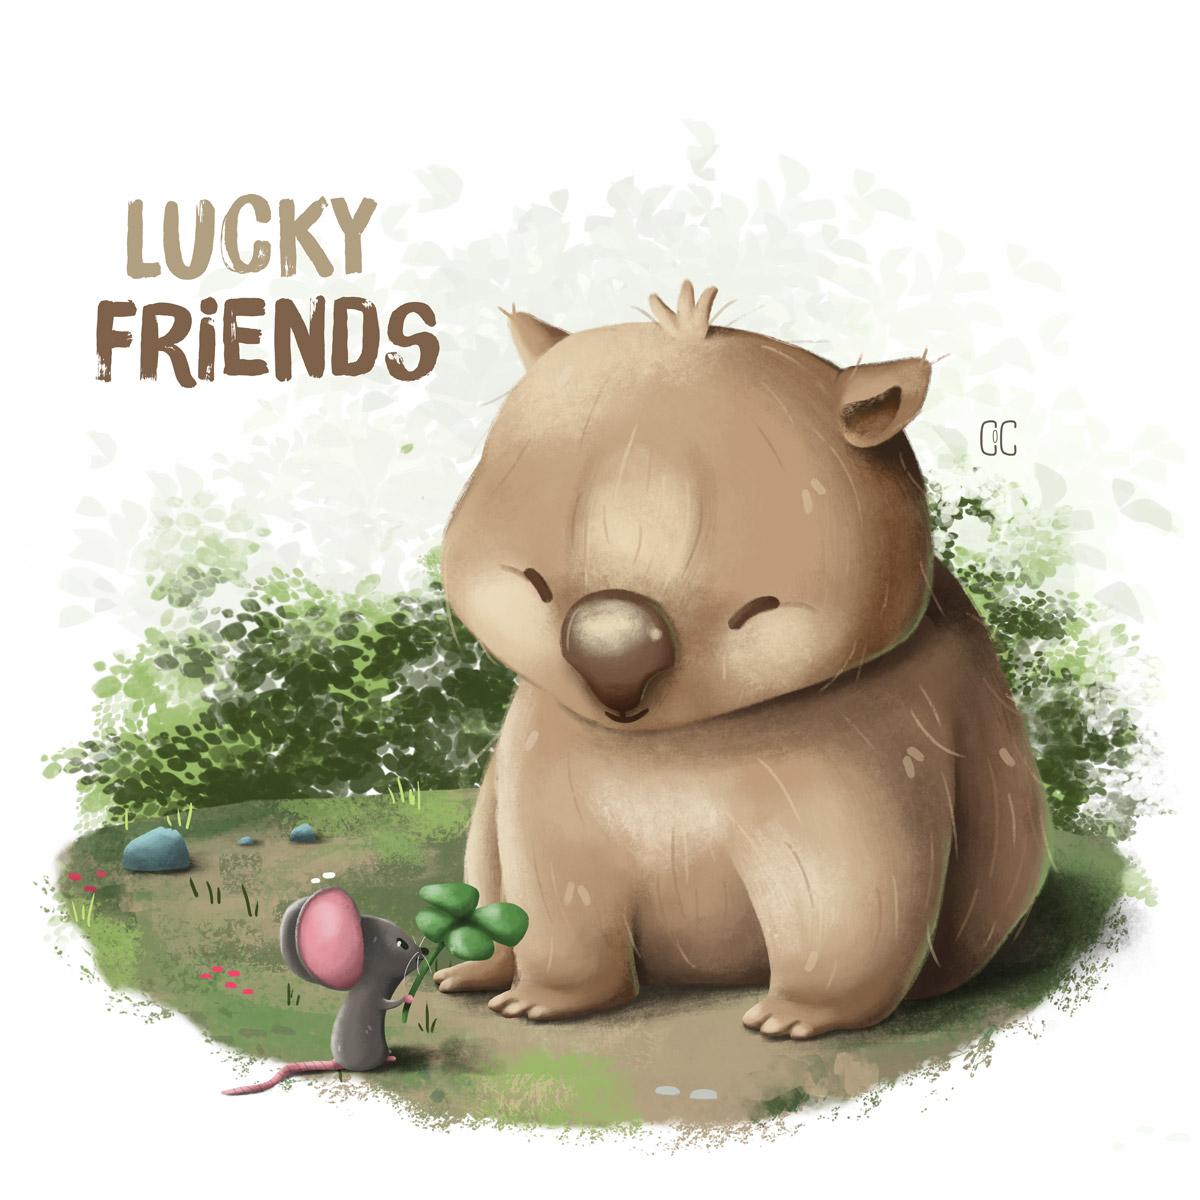 LUCKY FRIENDS